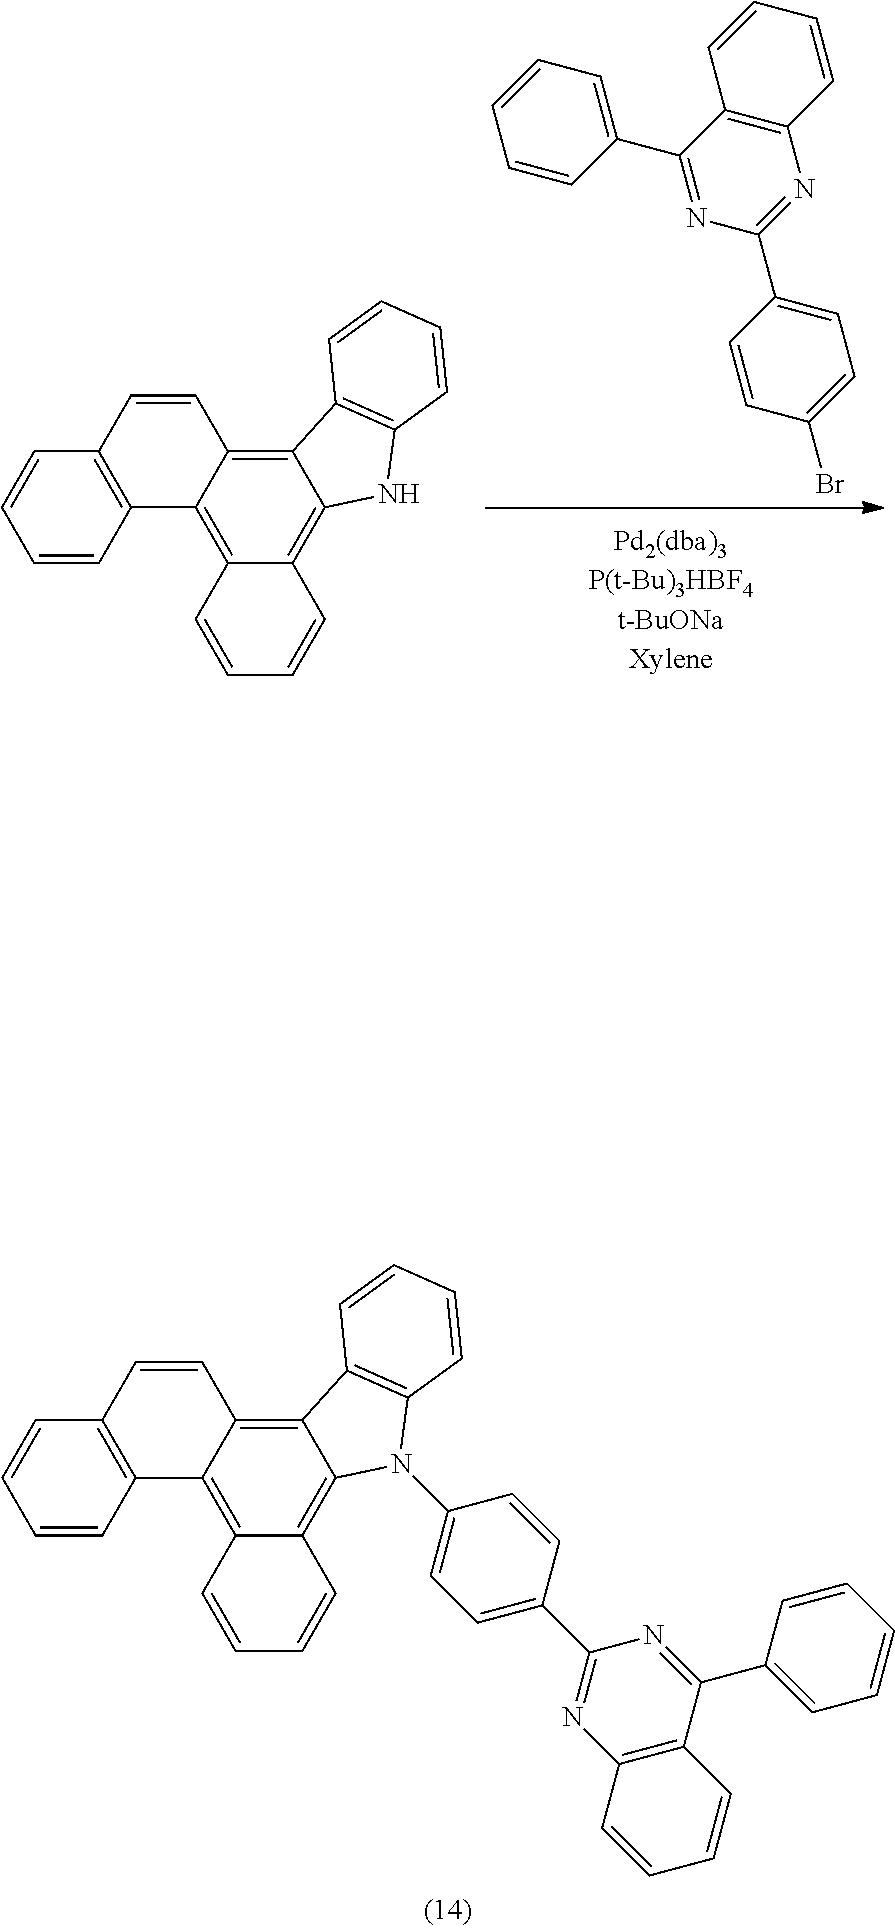 Figure US09837615-20171205-C00152